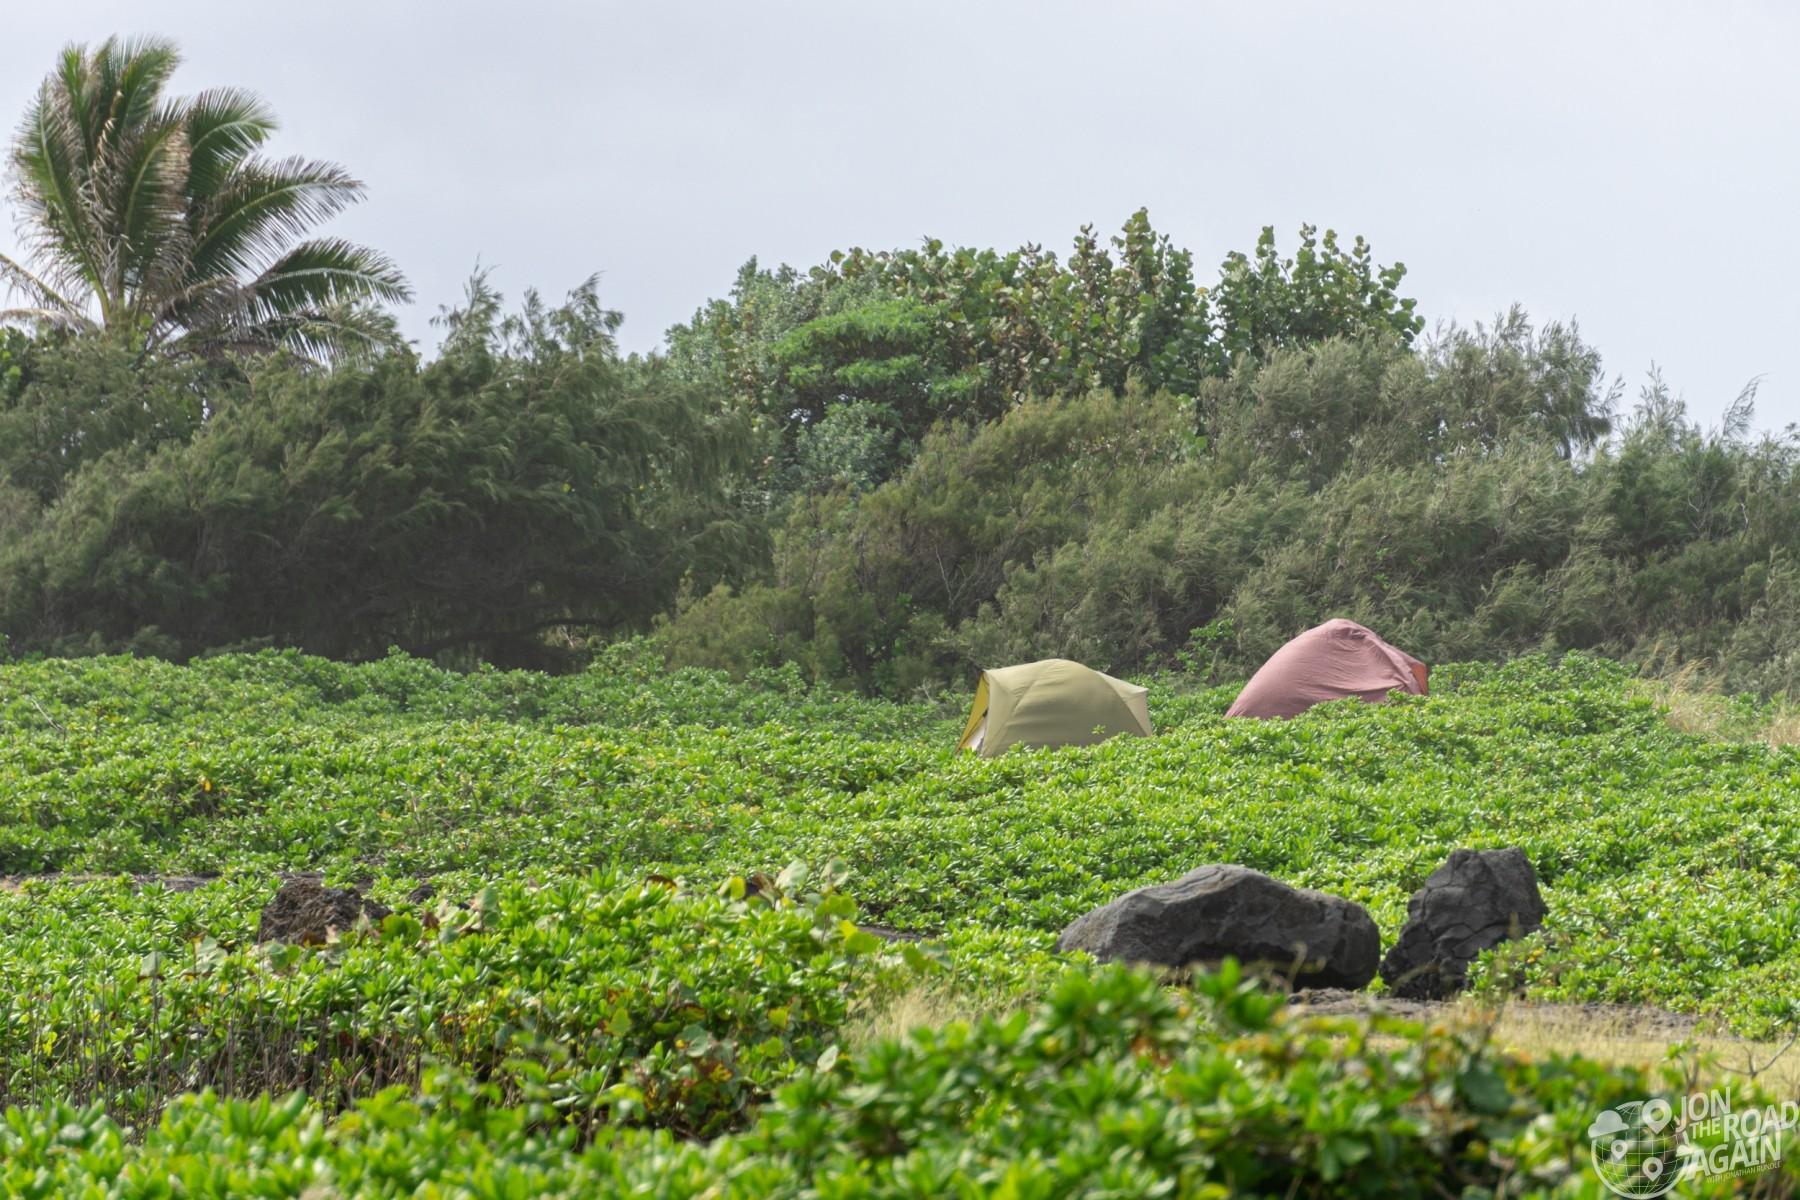 camping Punalu'u black sand beach